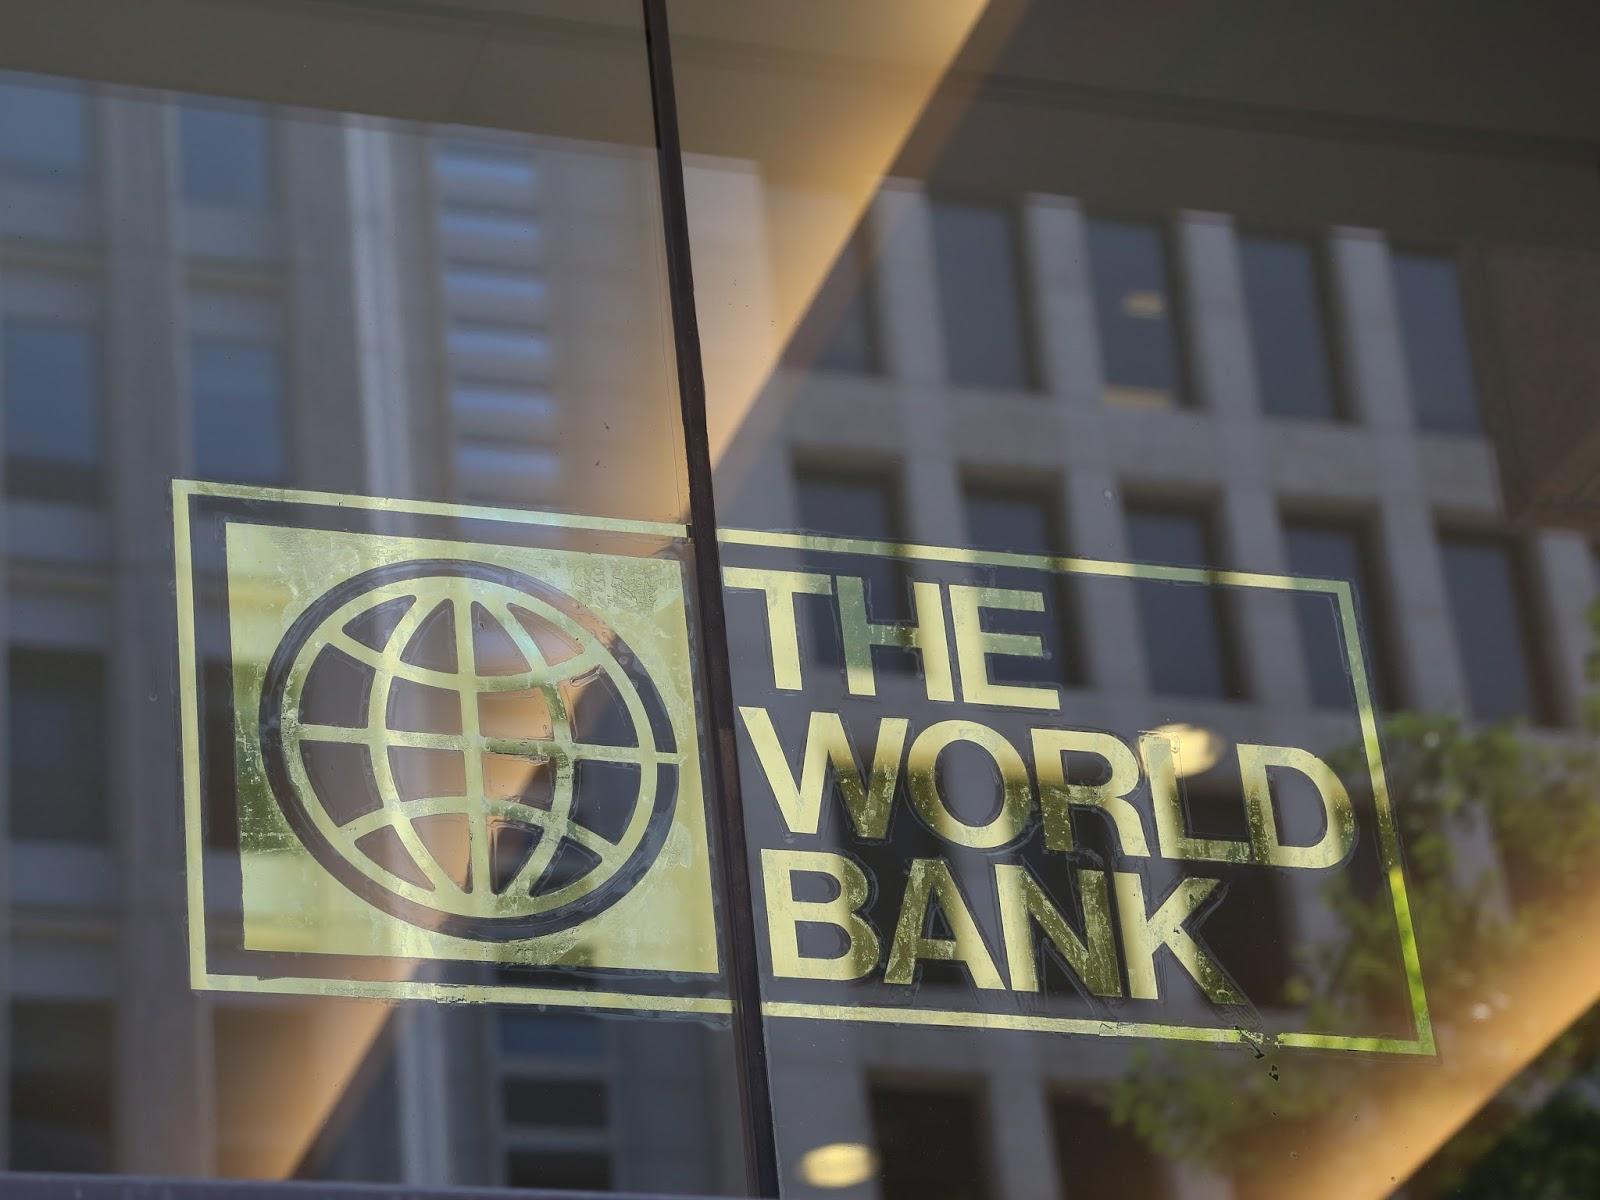 El Banco Mundial también ha aprobado un financiamiento adicional de 450 millones de dólares para el Proyecto de Protección de Niños y Jóvenes.